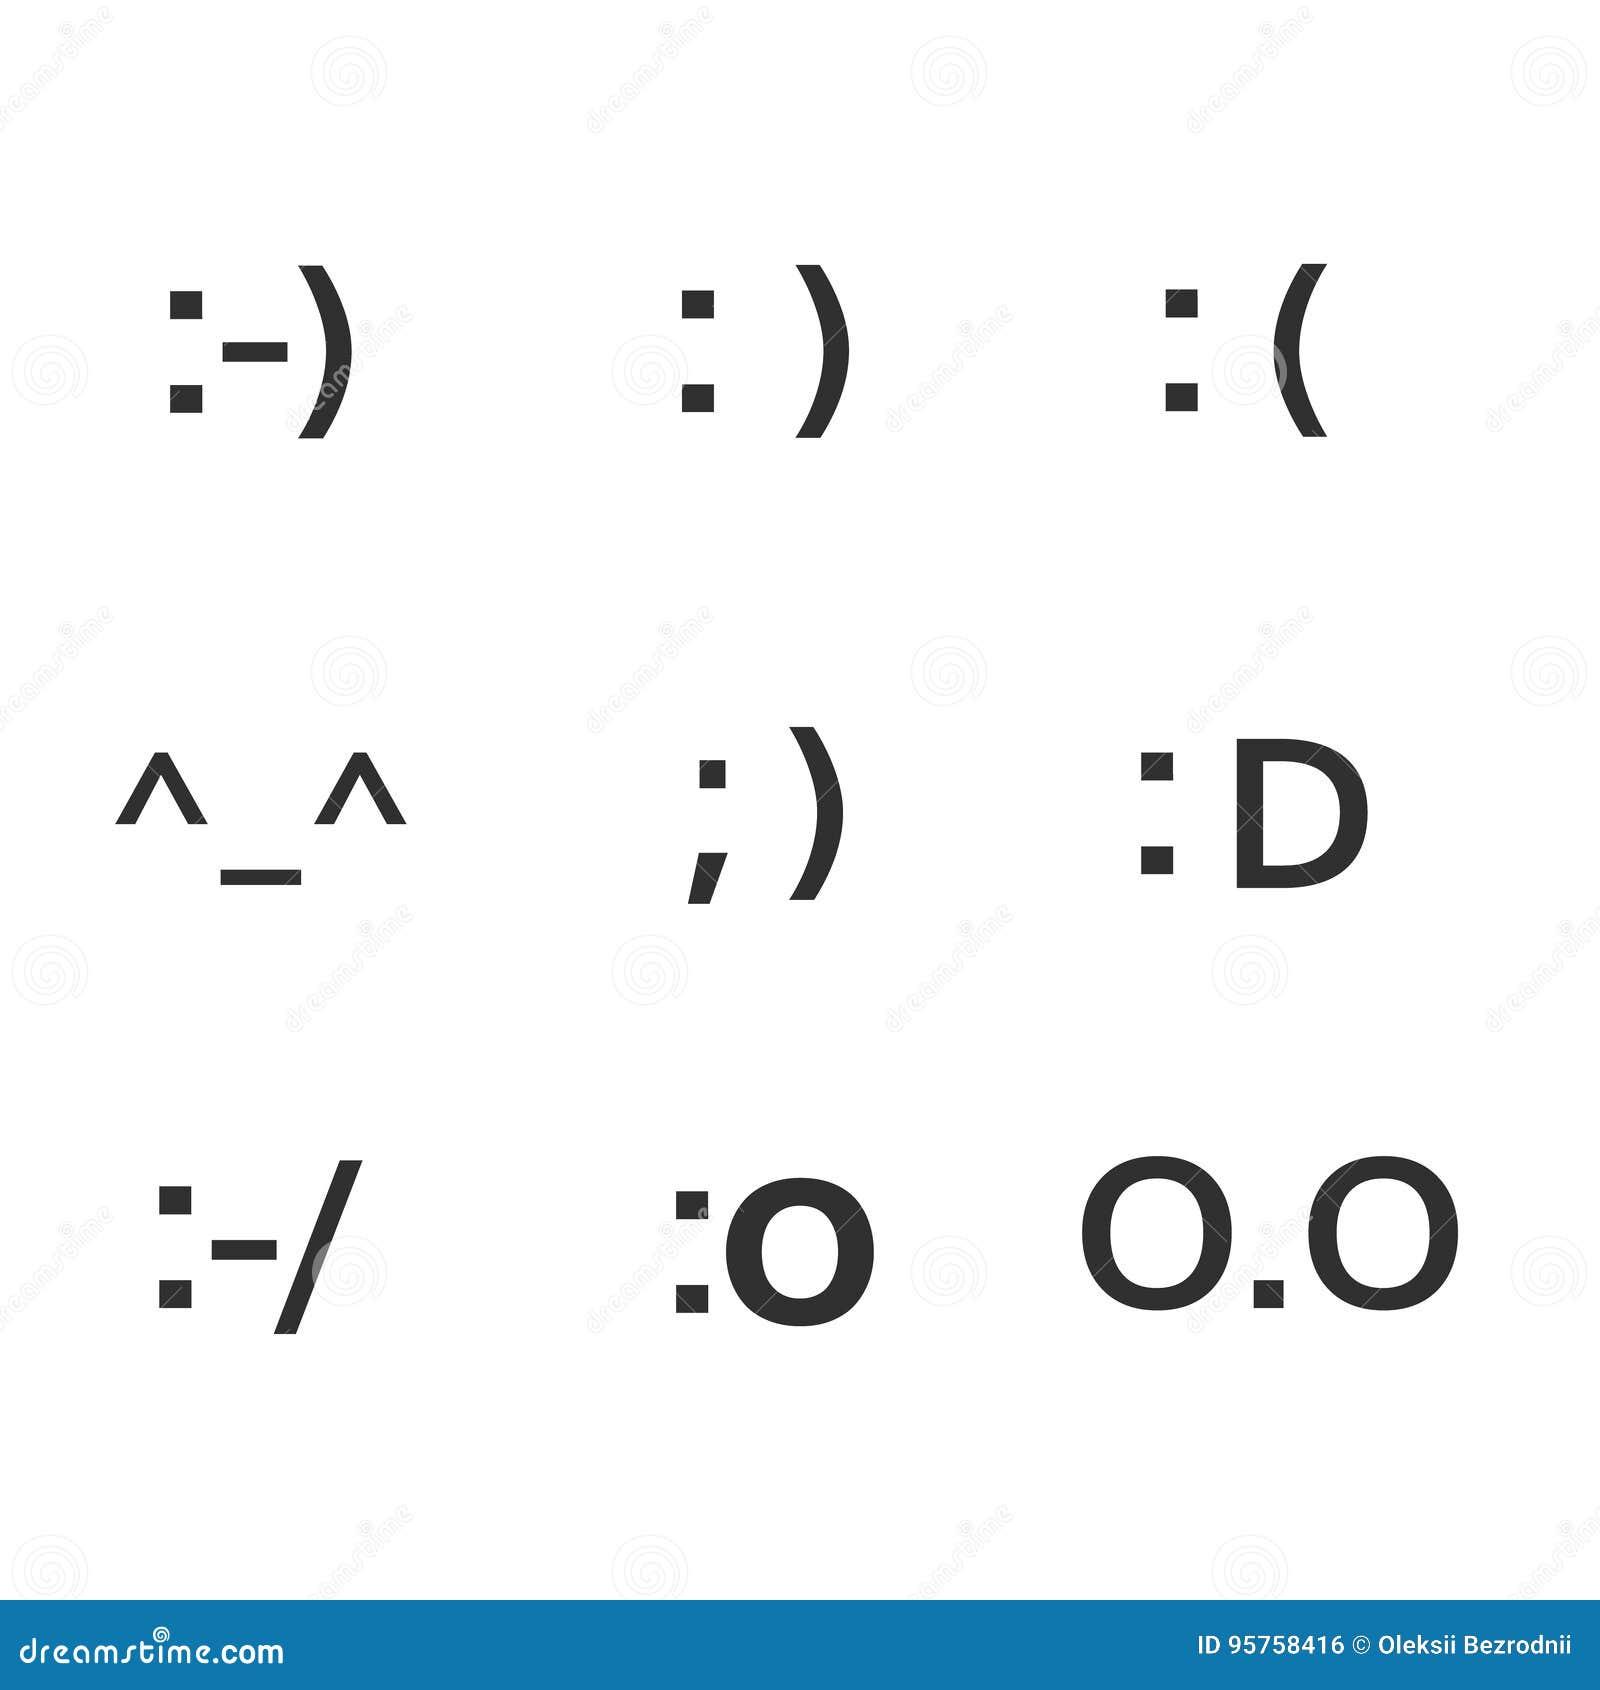 Emoji faces keyboard symbols smile symbols stock vector emoji faces keyboard symbols smile symbols buycottarizona